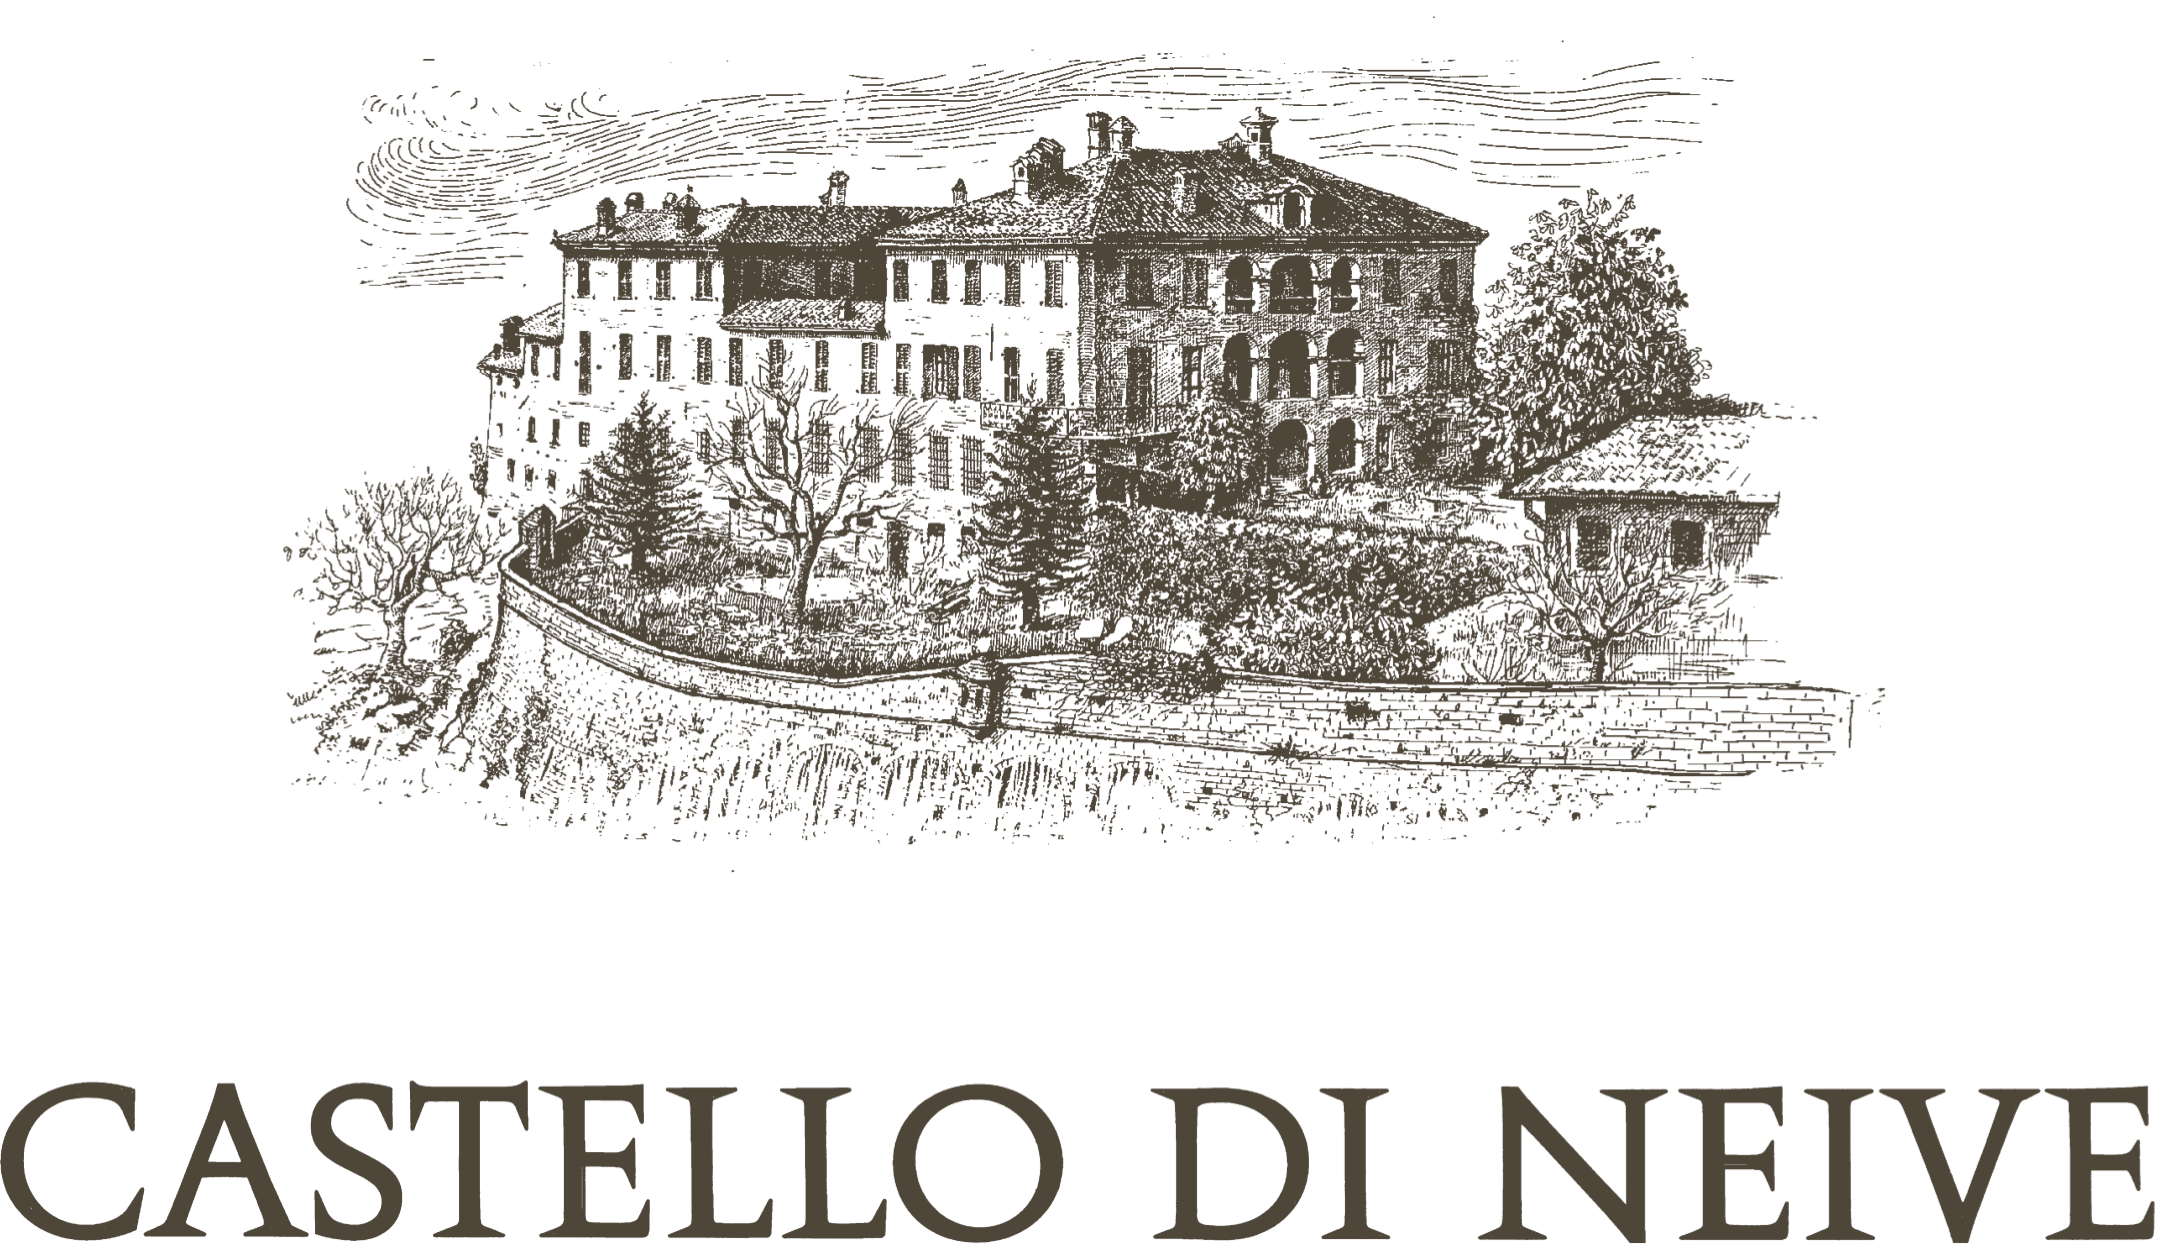 Castello di Neive